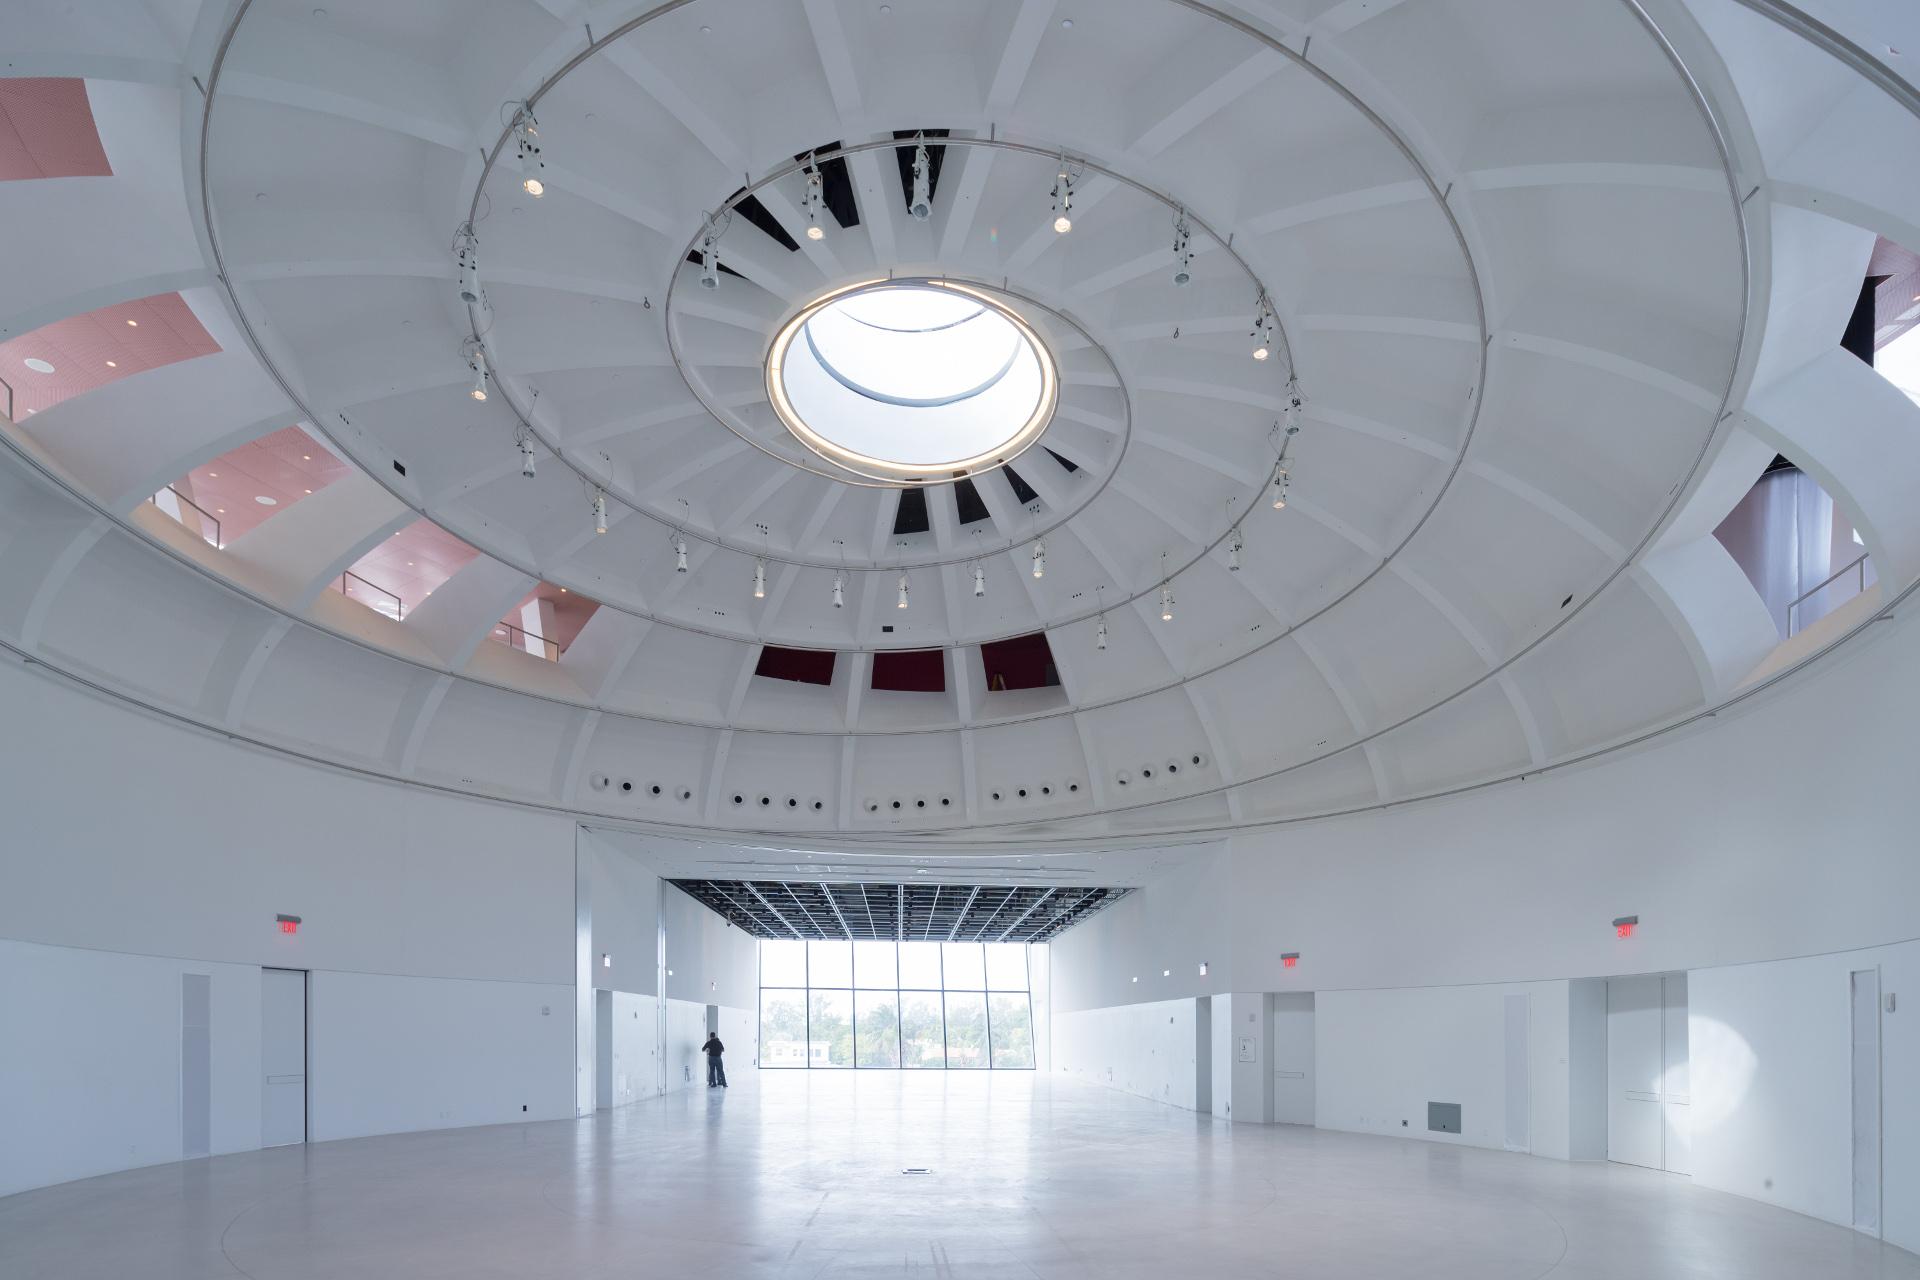 Fachada con arcos de catenaria en el Faena Forum de OMA